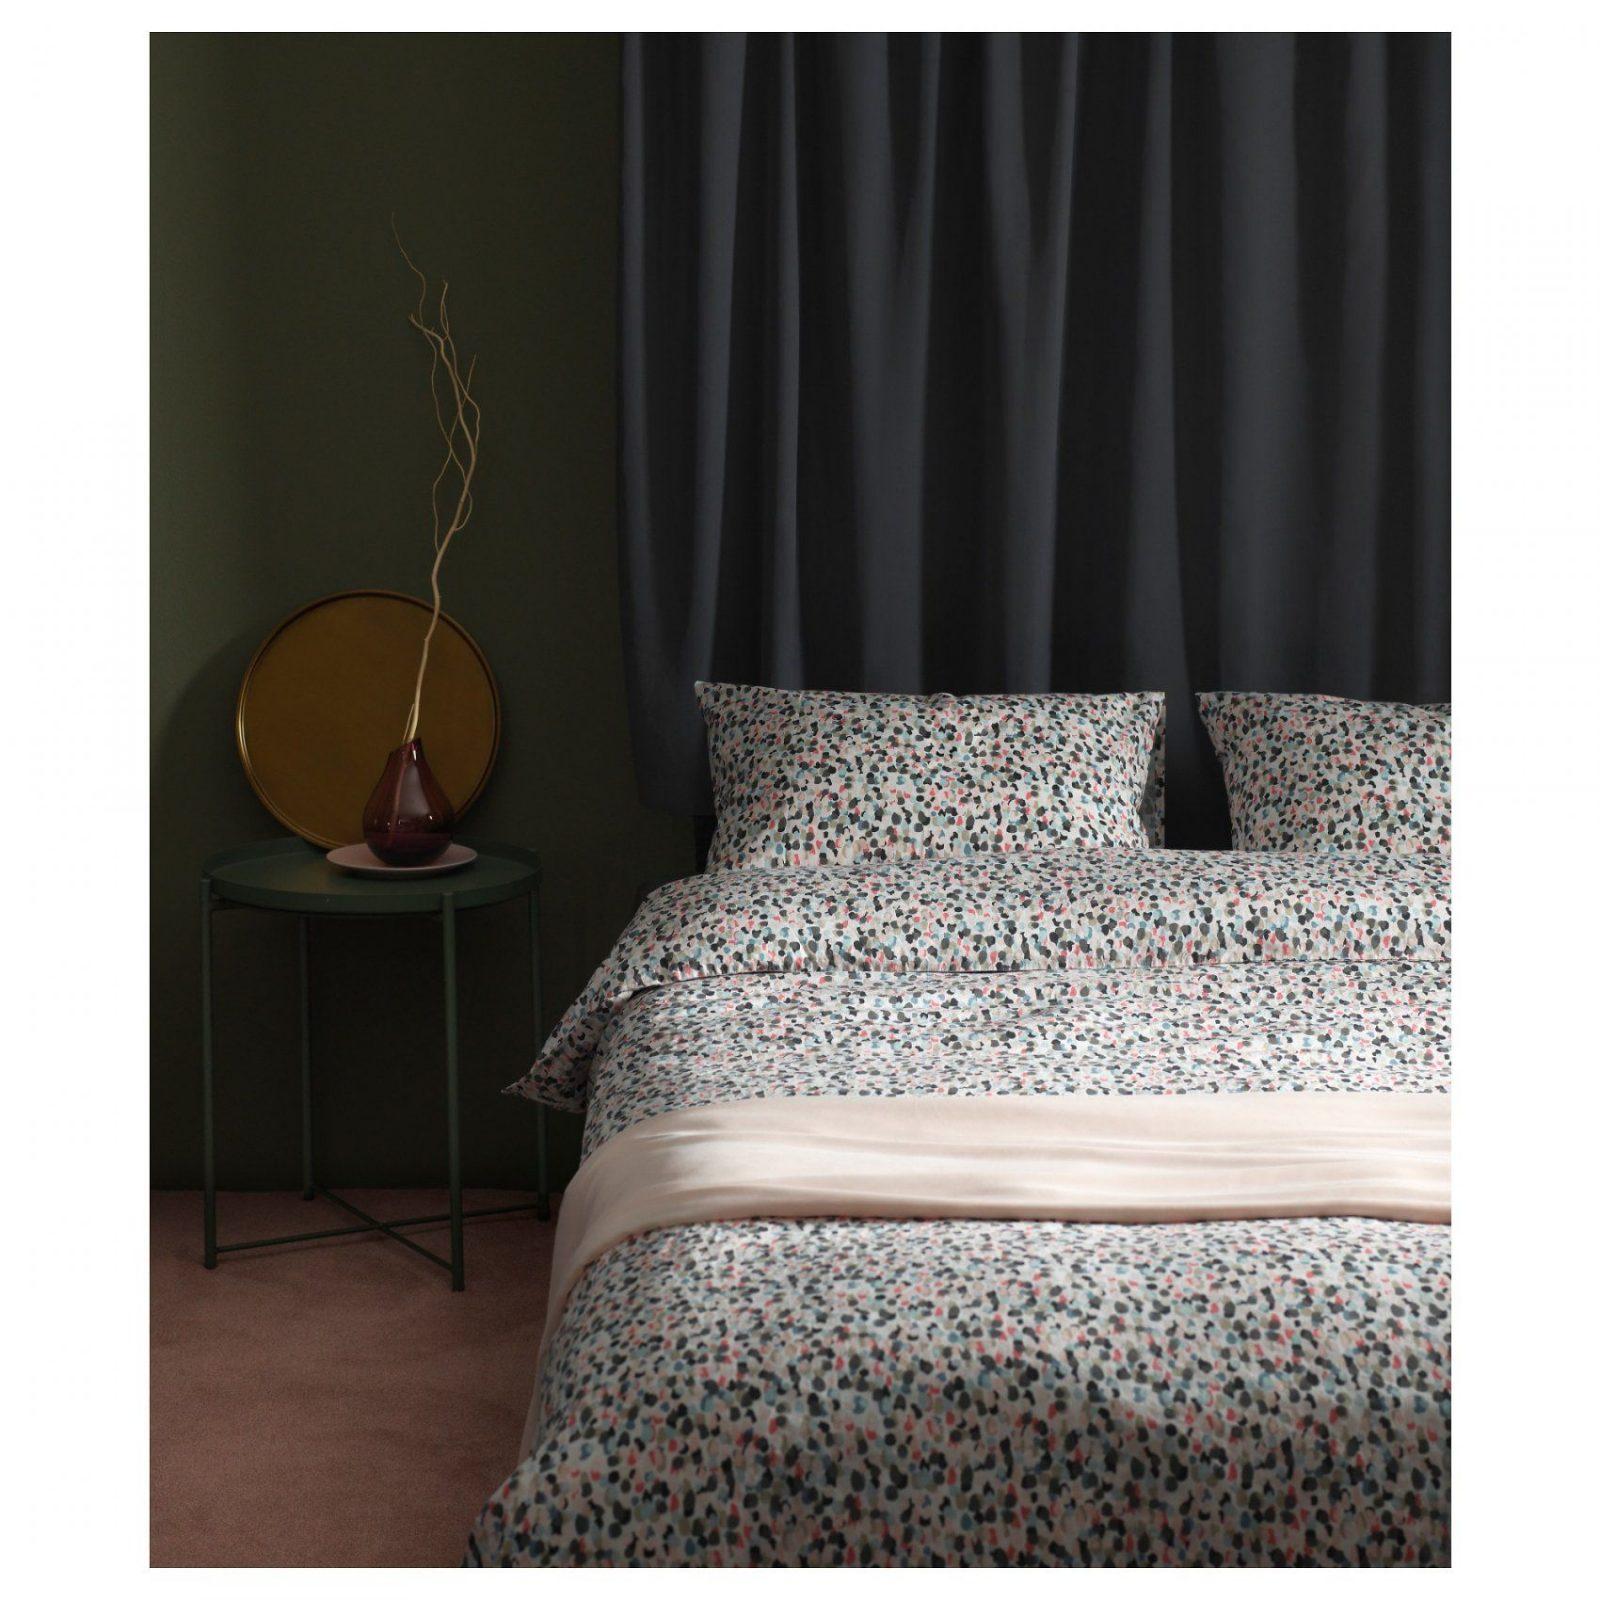 sm starr dekbedovertrek met 2 slopen gestippeldveelkleurig. Black Bedroom Furniture Sets. Home Design Ideas